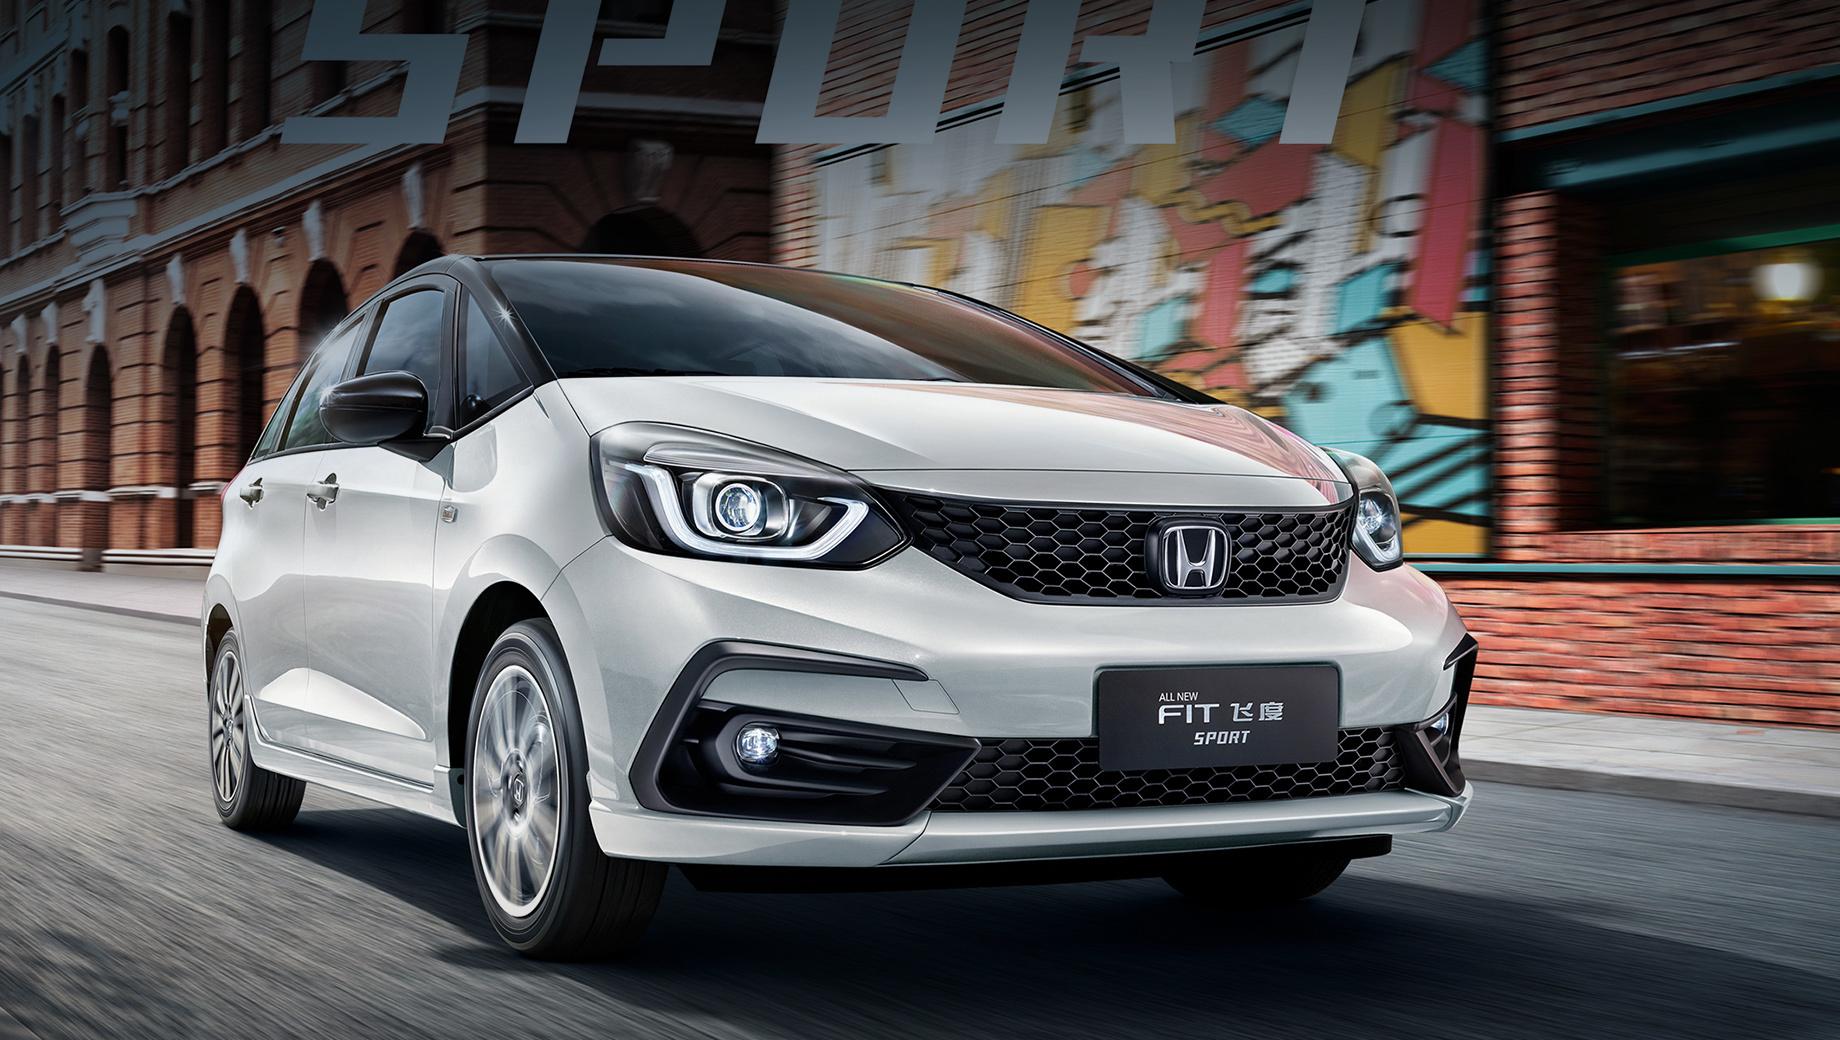 Китайская Honda Fit стала «спортивной» с прежним мотором